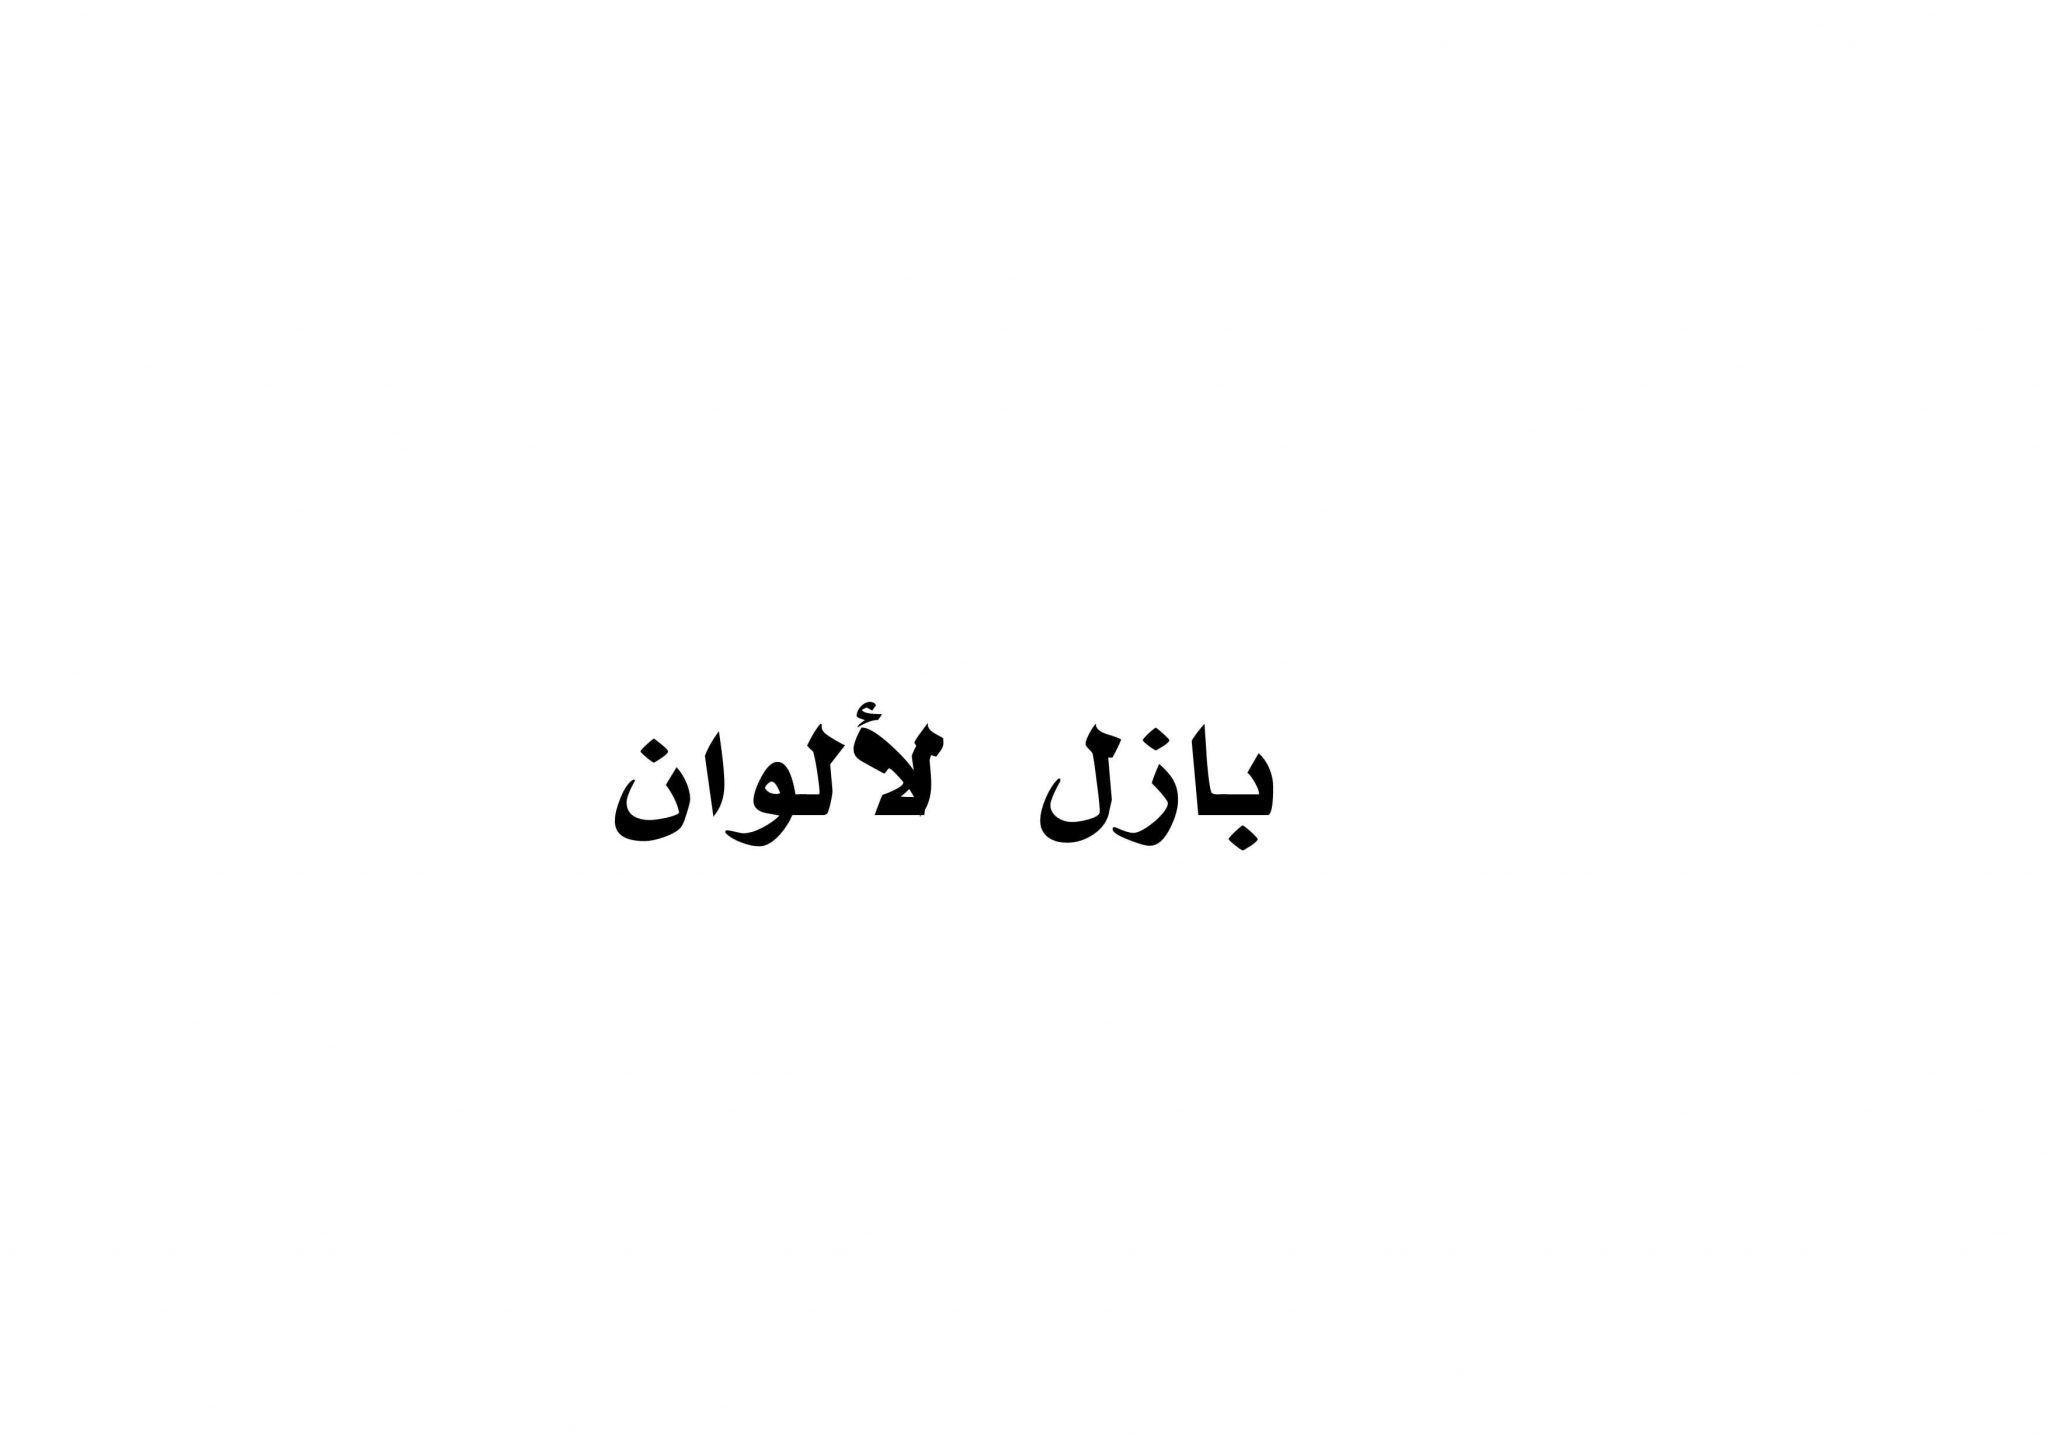 بطاقات تعليمية بازل الالوان لتعليم الاطفال بالابداع و المرح Math Math Equations Arabic Calligraphy